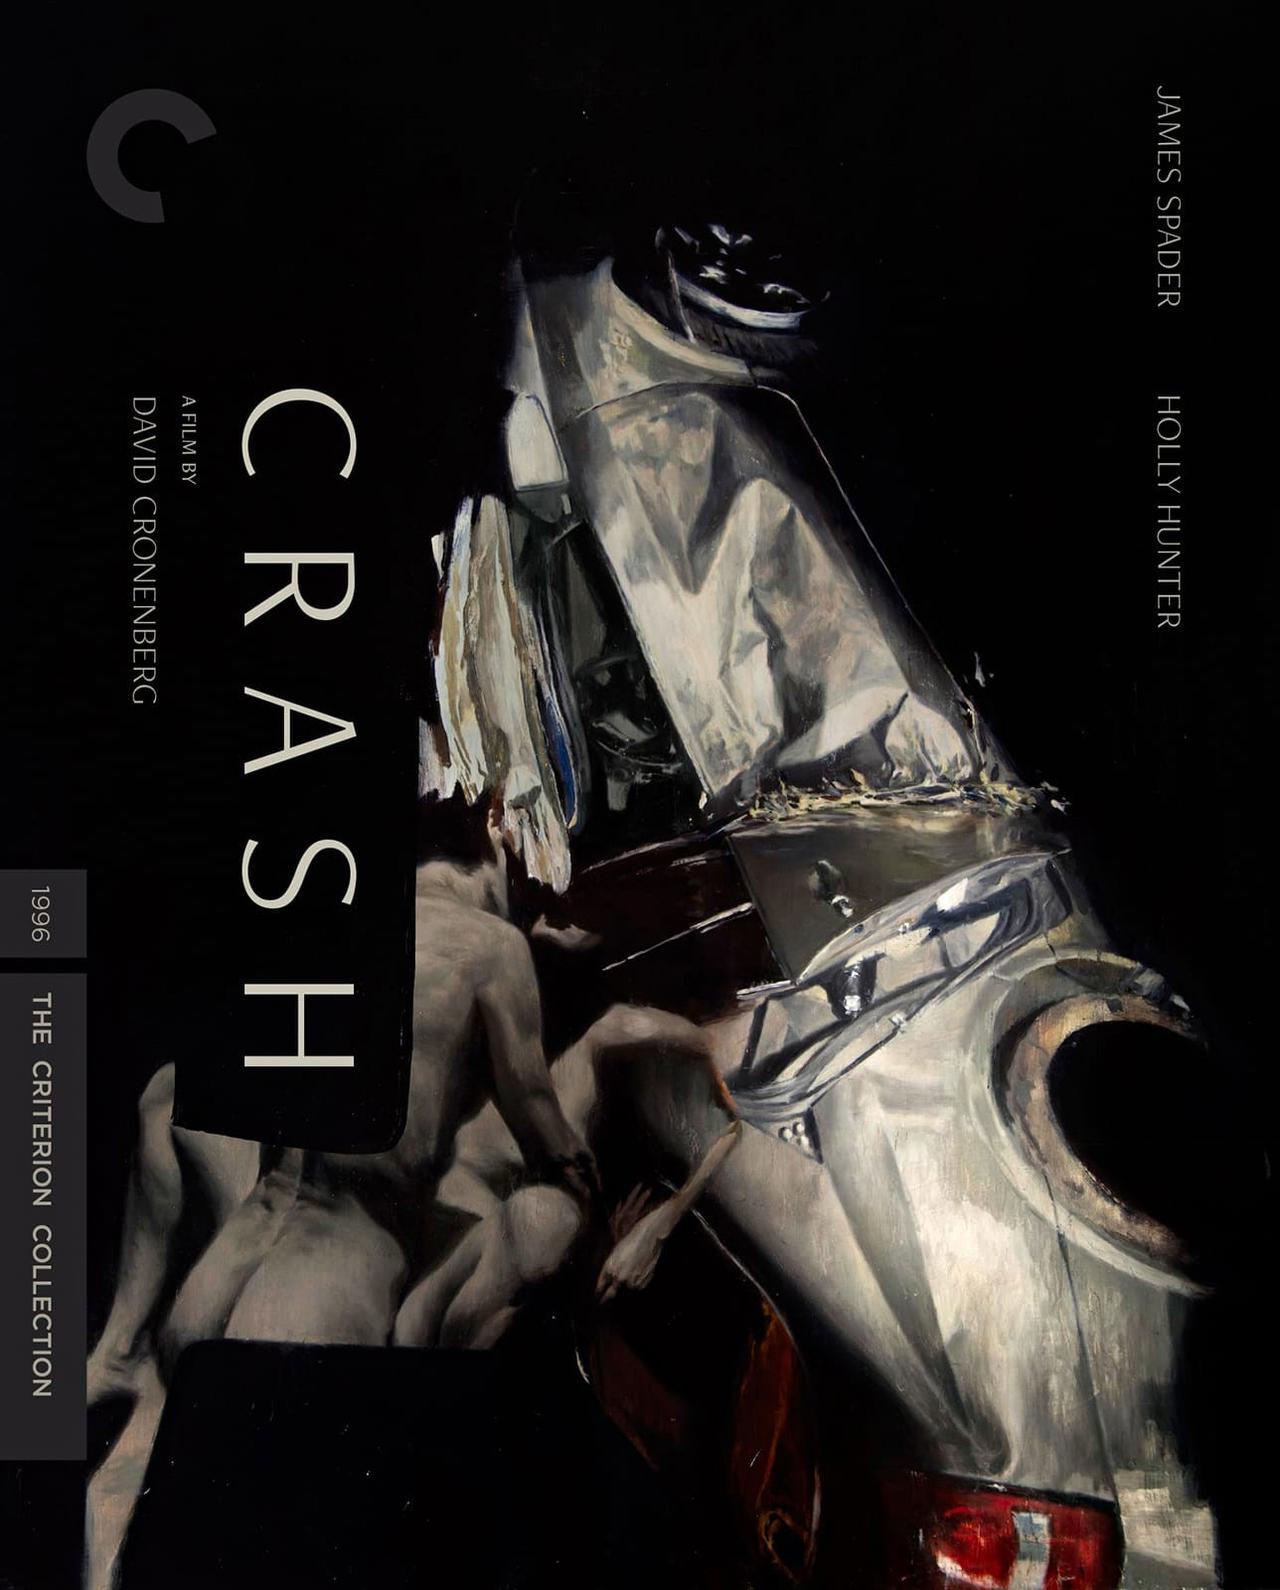 画像1: デヴィッド・クローネンバーグ監督作『クラッシュ』【クライテリオンNEWリリース】